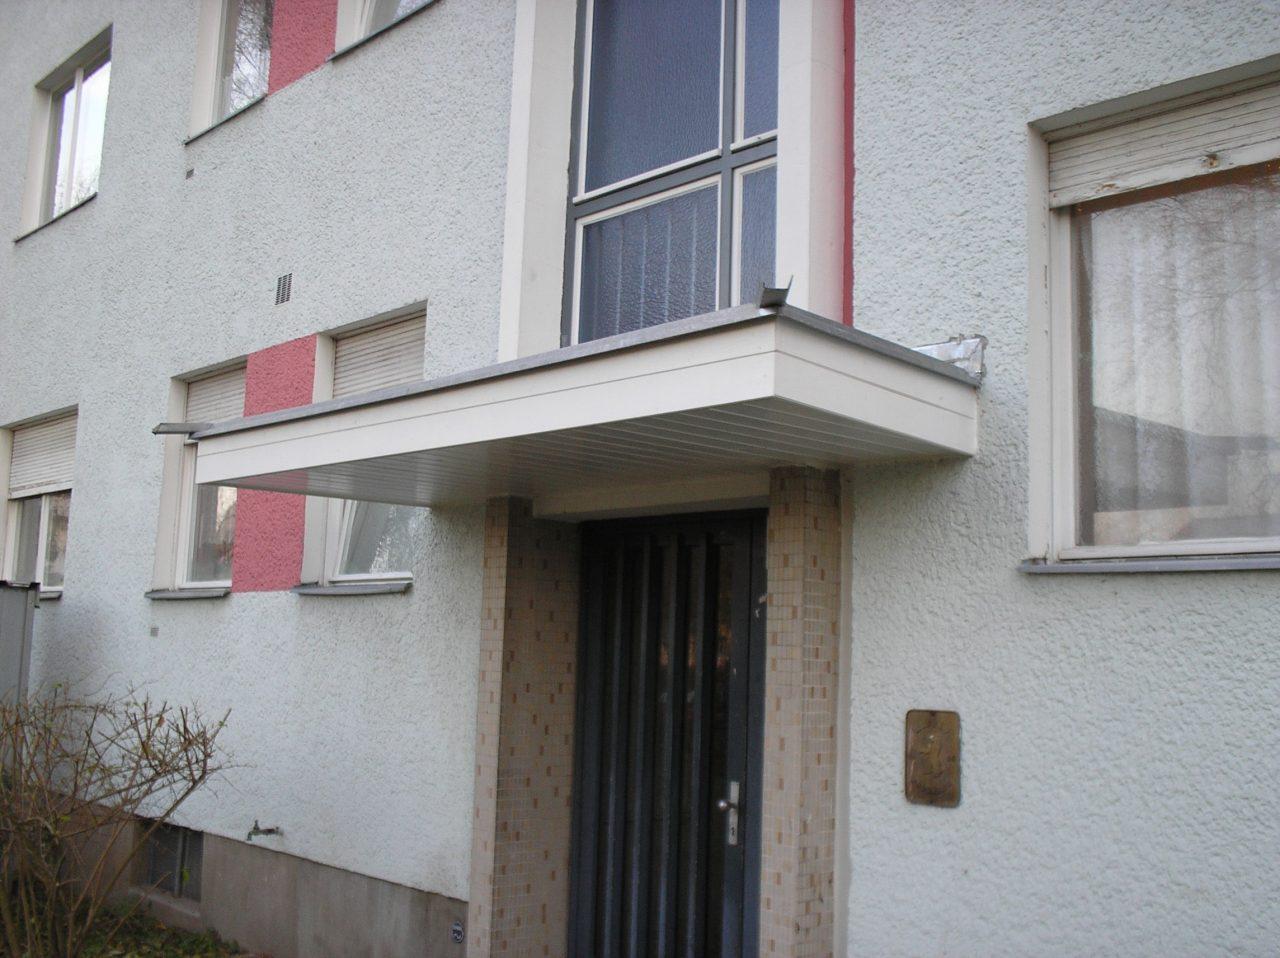 Vordach Beton vordach neu r alisch bauausführungen